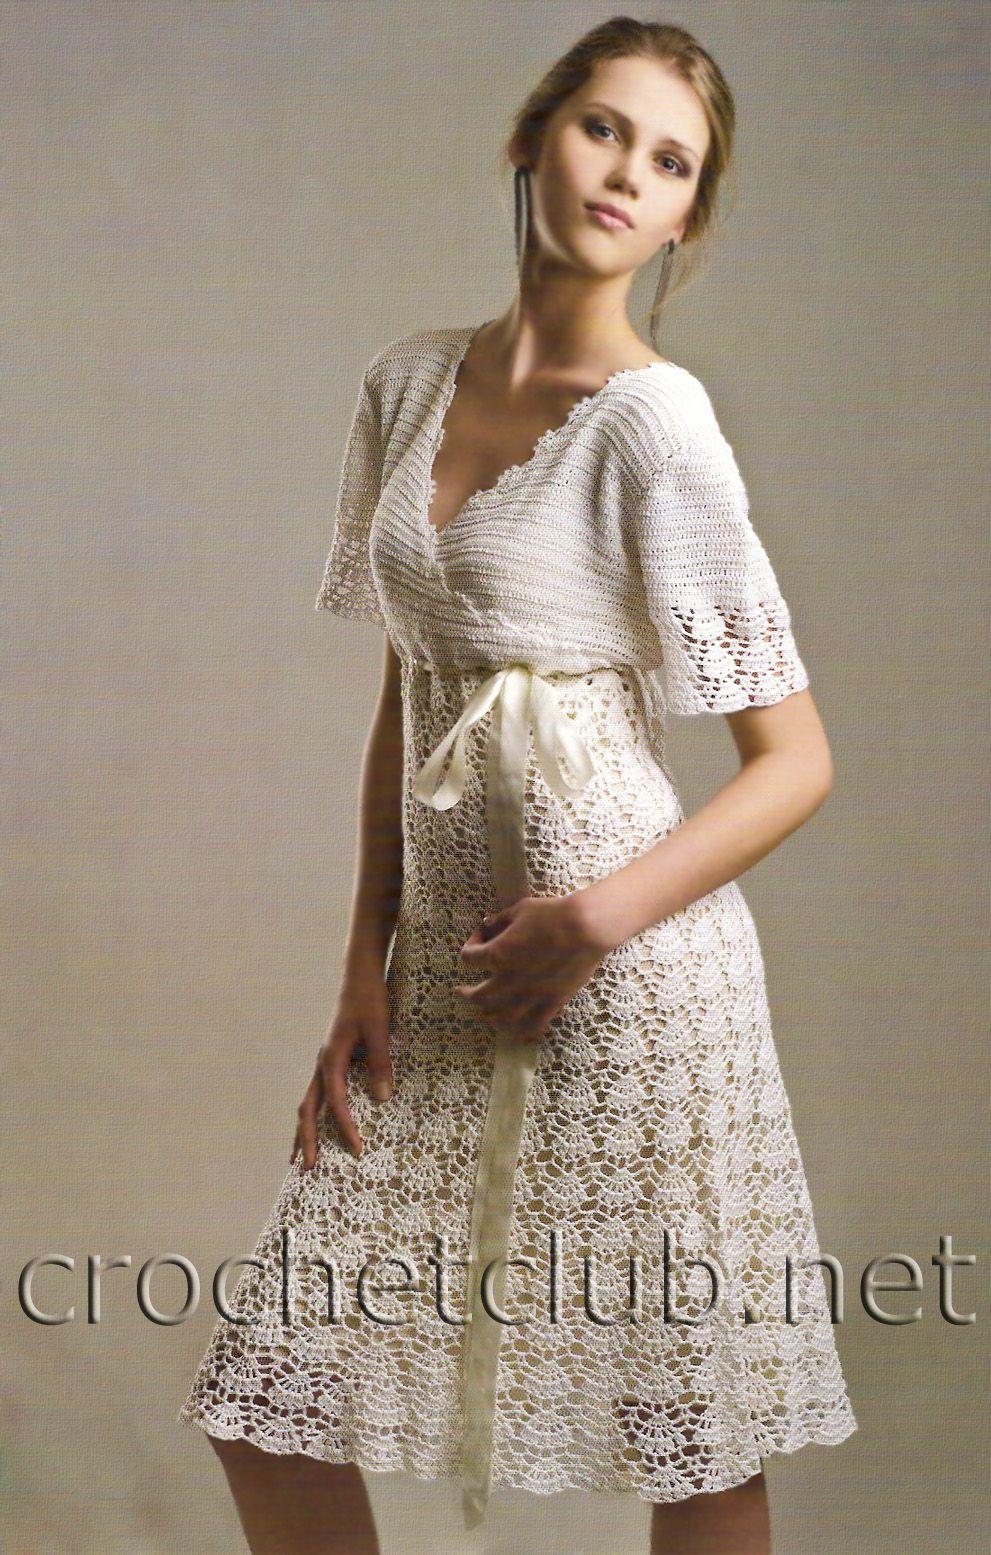 Crochet white dress | Knit and Crochet | Pinterest | Crochet ...